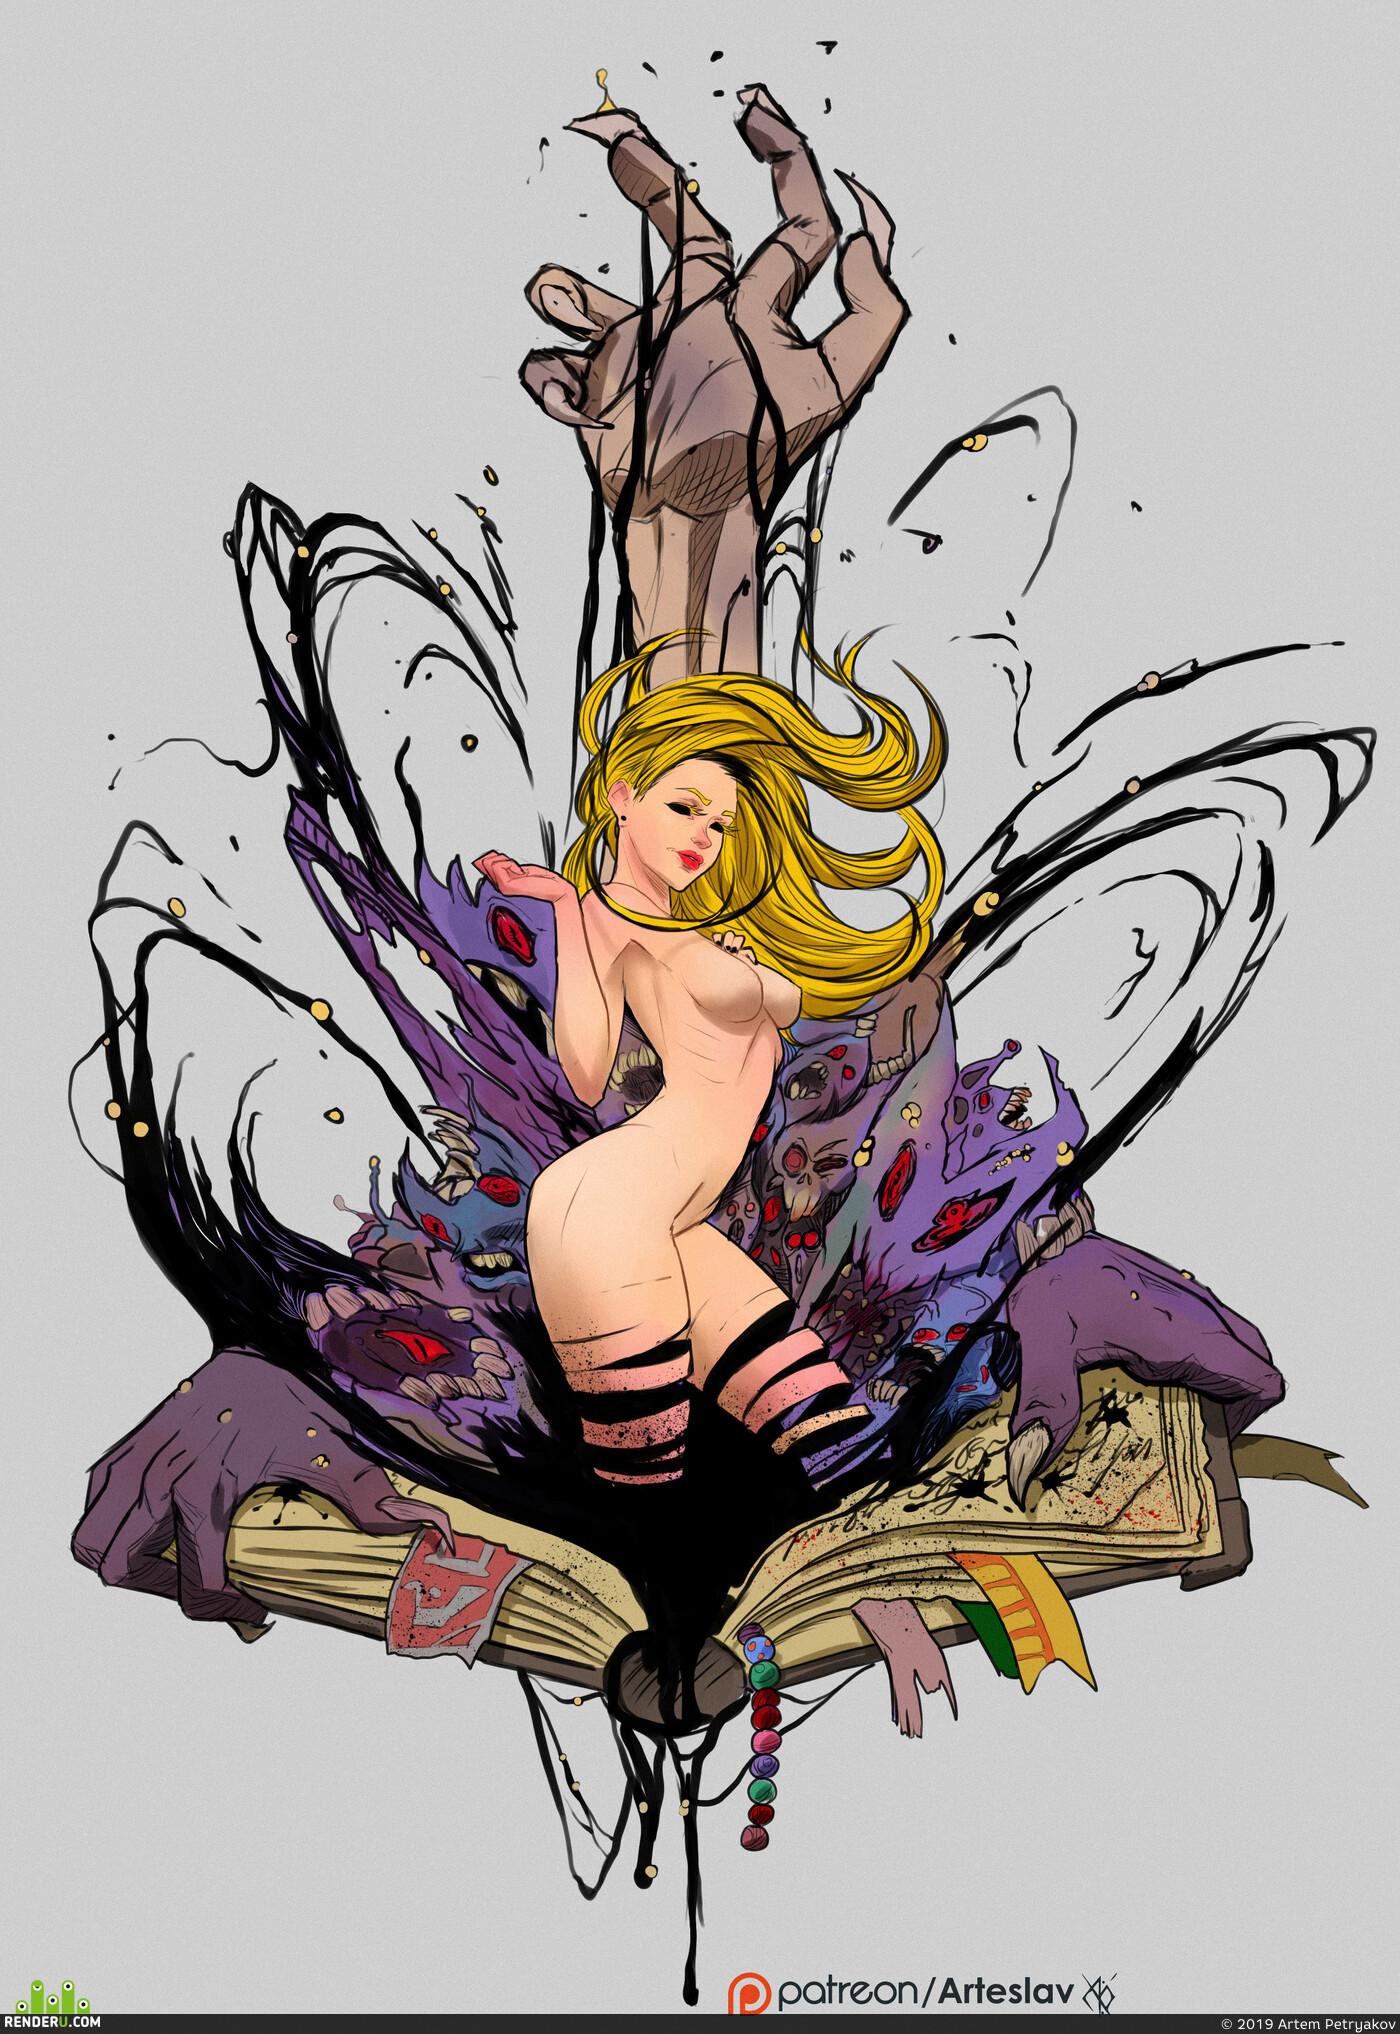 статуя, тату, уличный, фирменный стиль, девушка, блондинка, Жуть, зло, крипота, когти